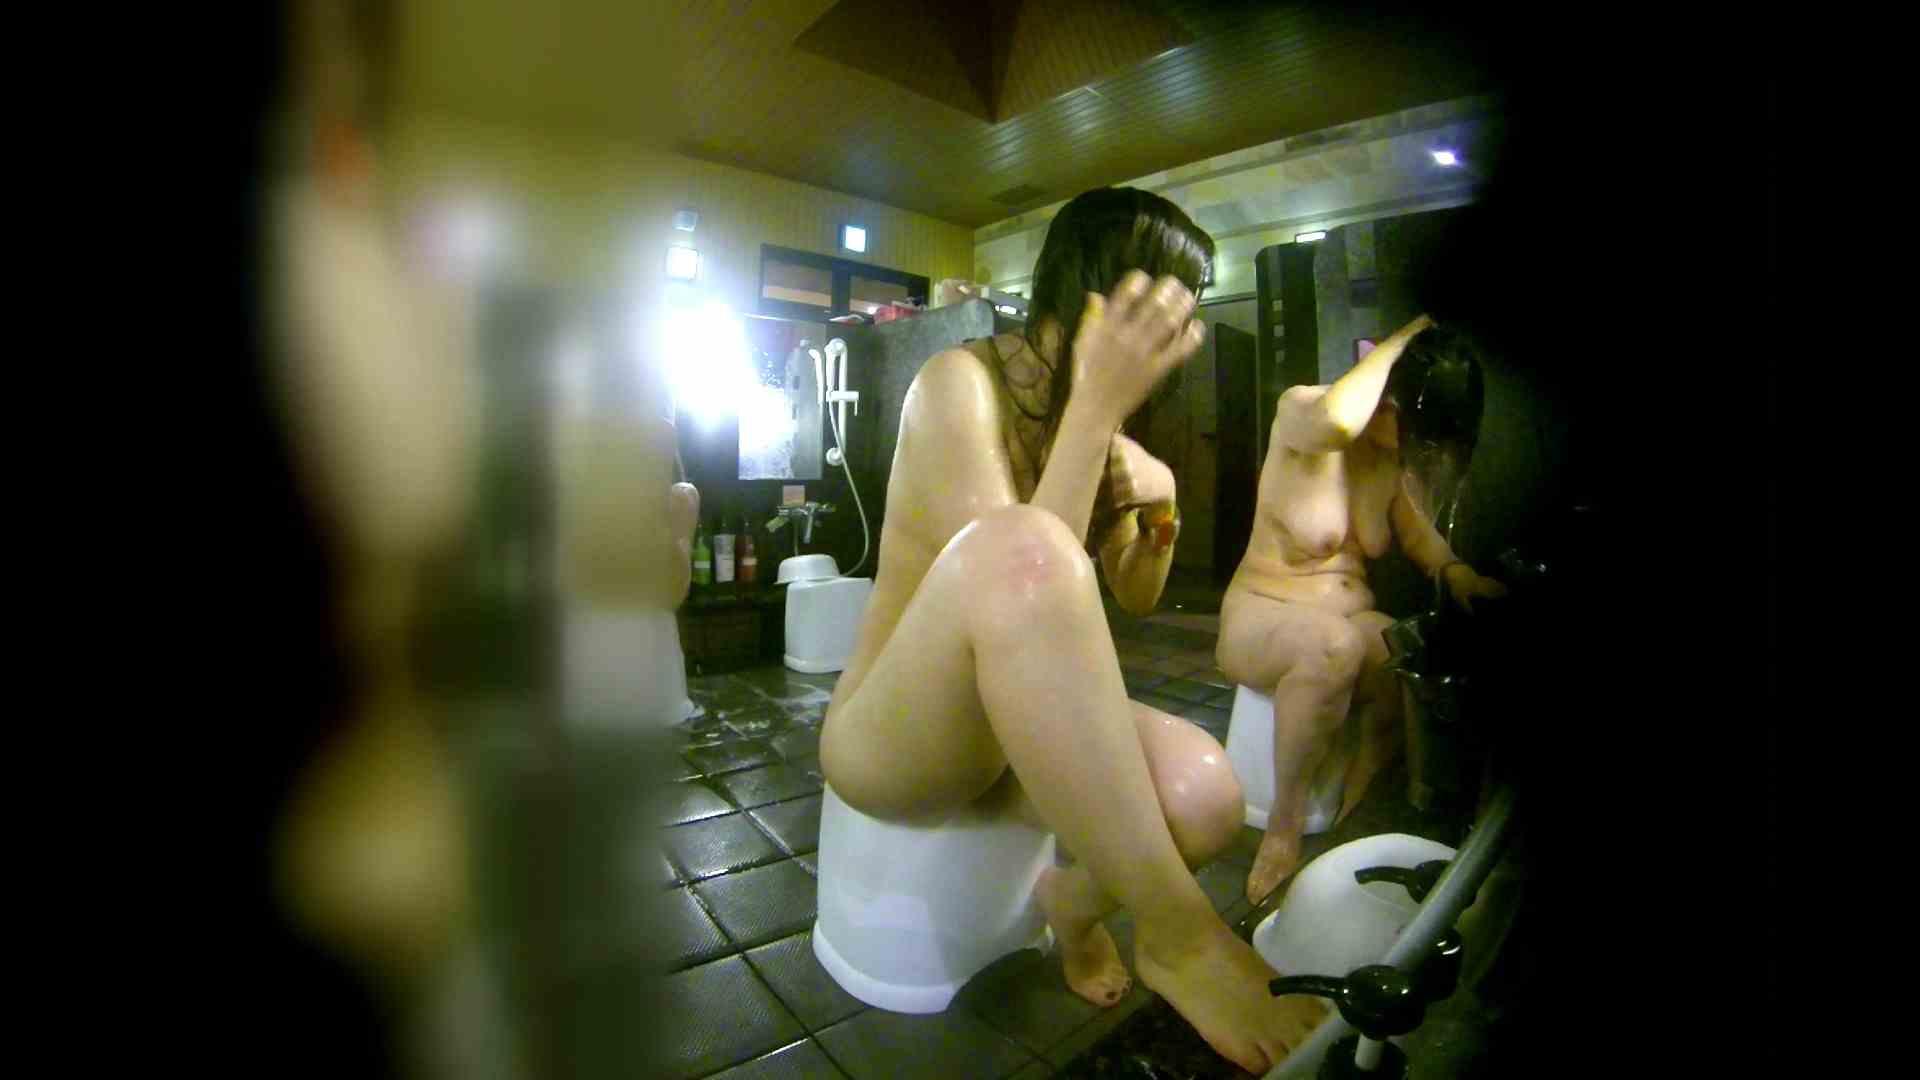 洗い場!右足の位置がいいですね。陰毛もっさり! 銭湯着替え   お姉さん攻略  111画像 36